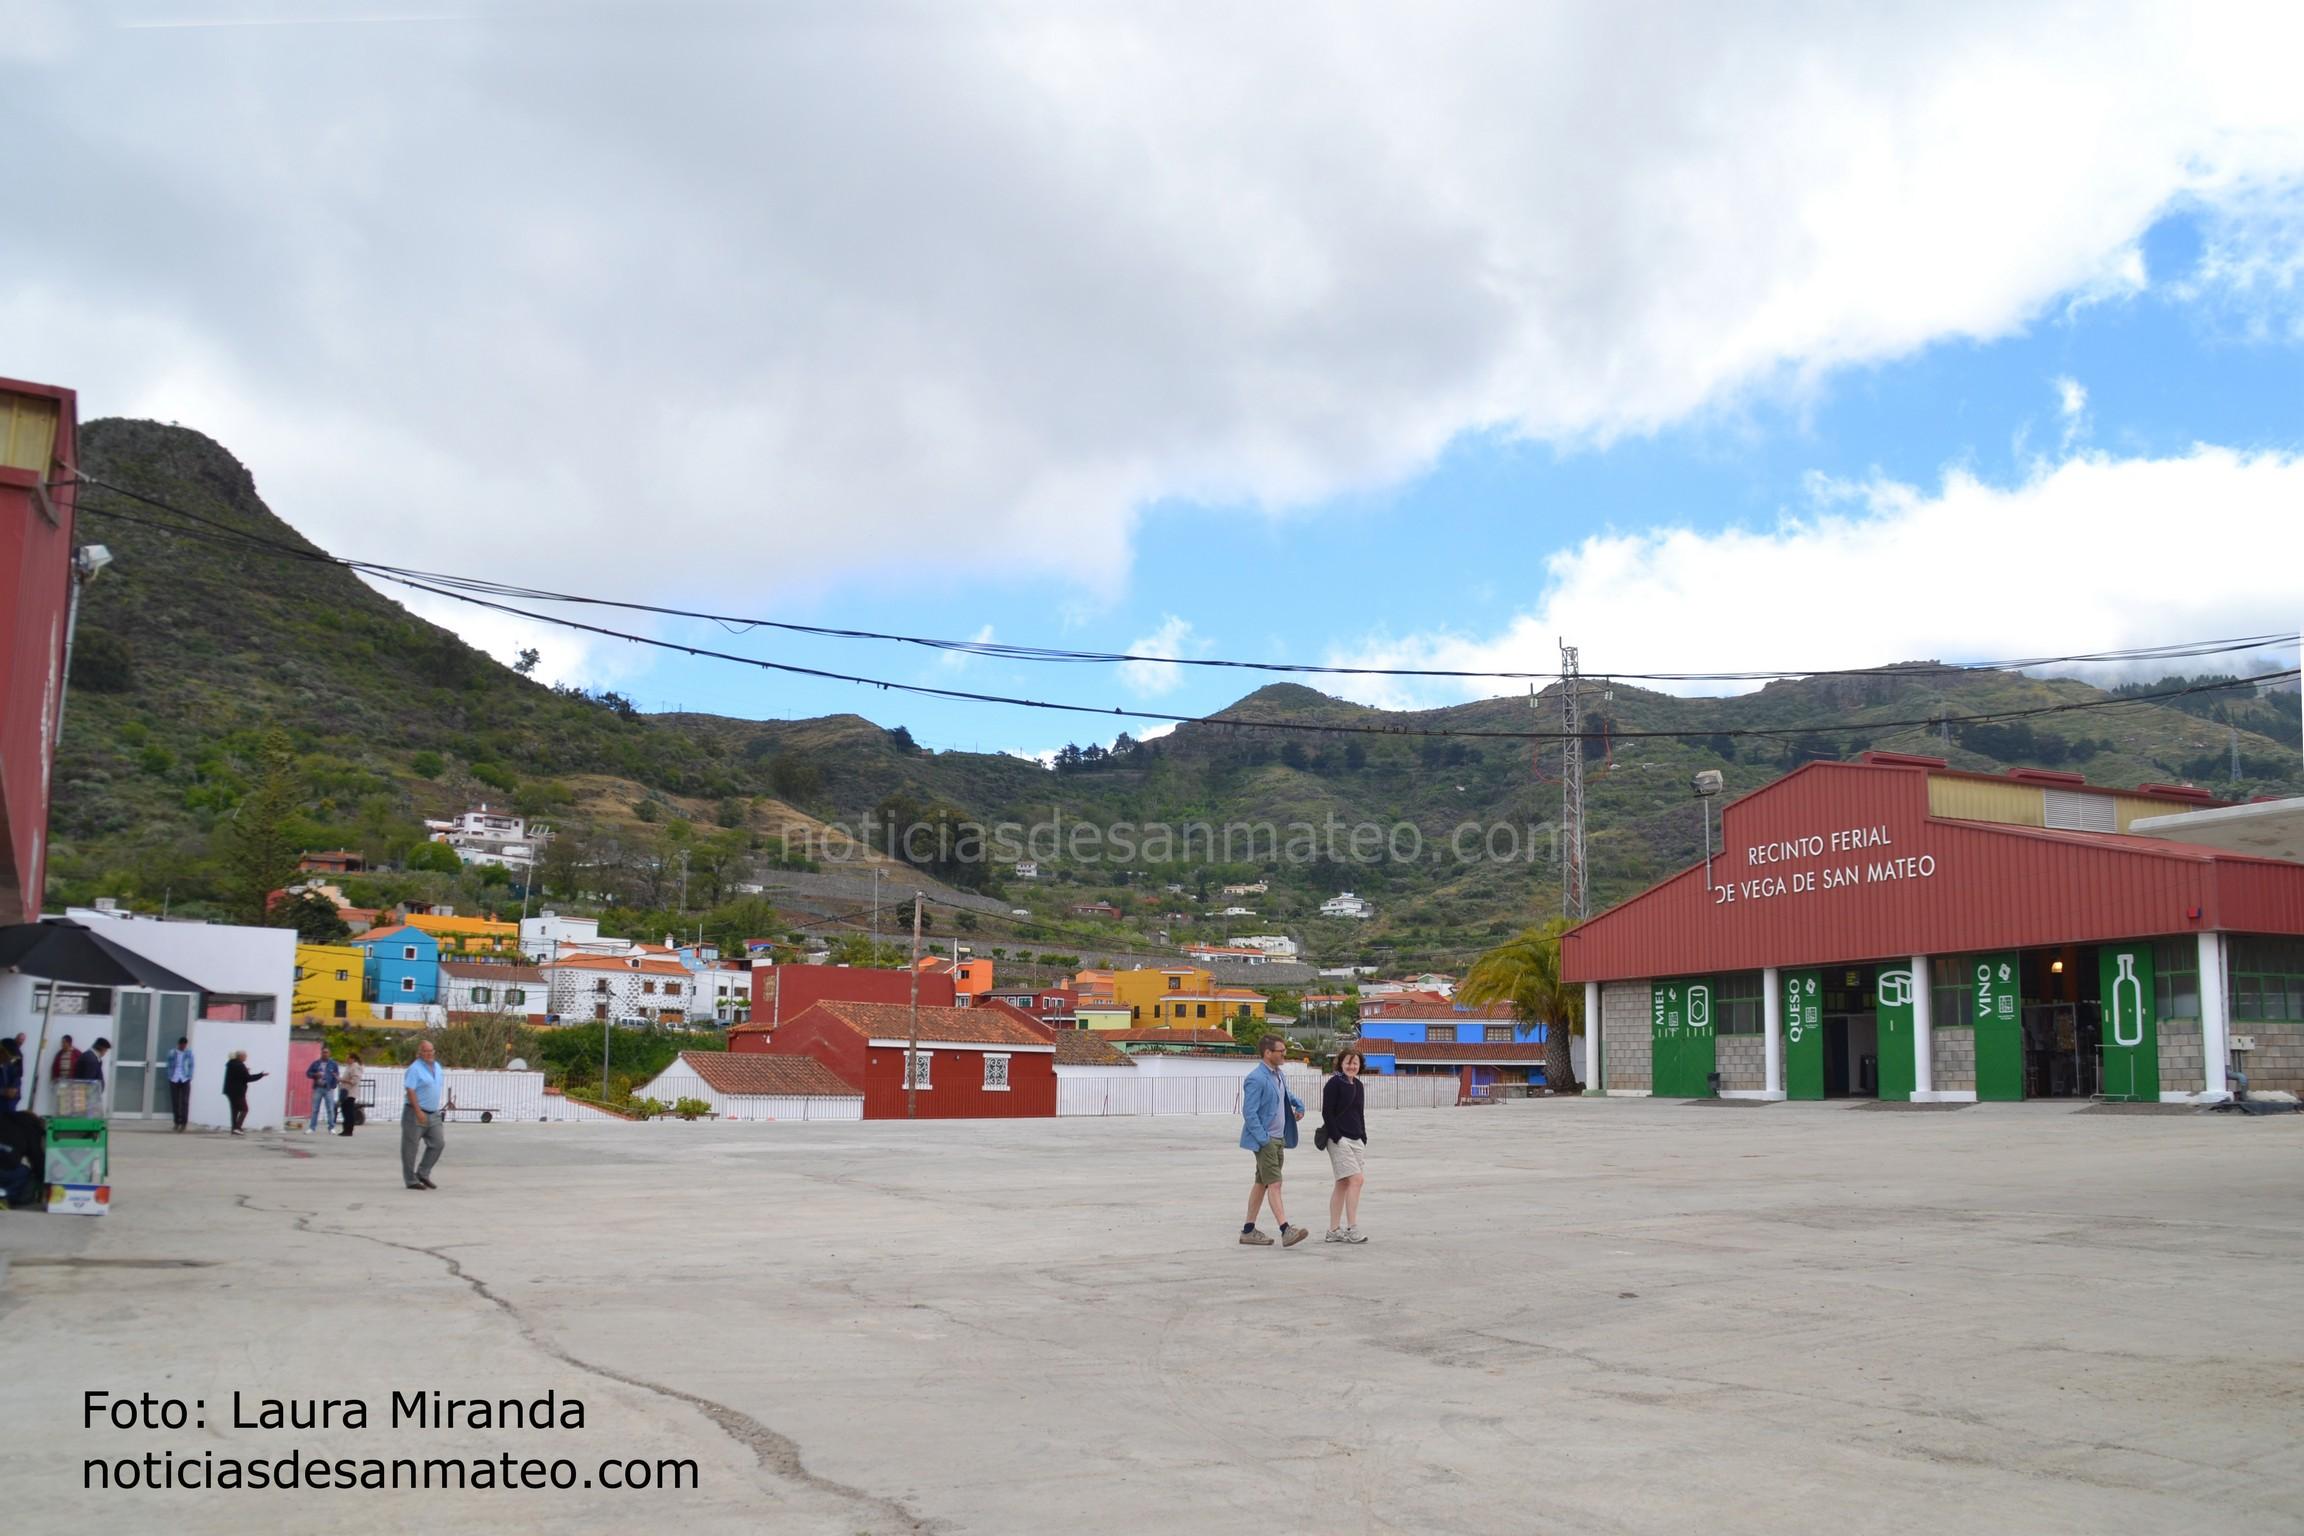 plaza del mercado de san mateo1